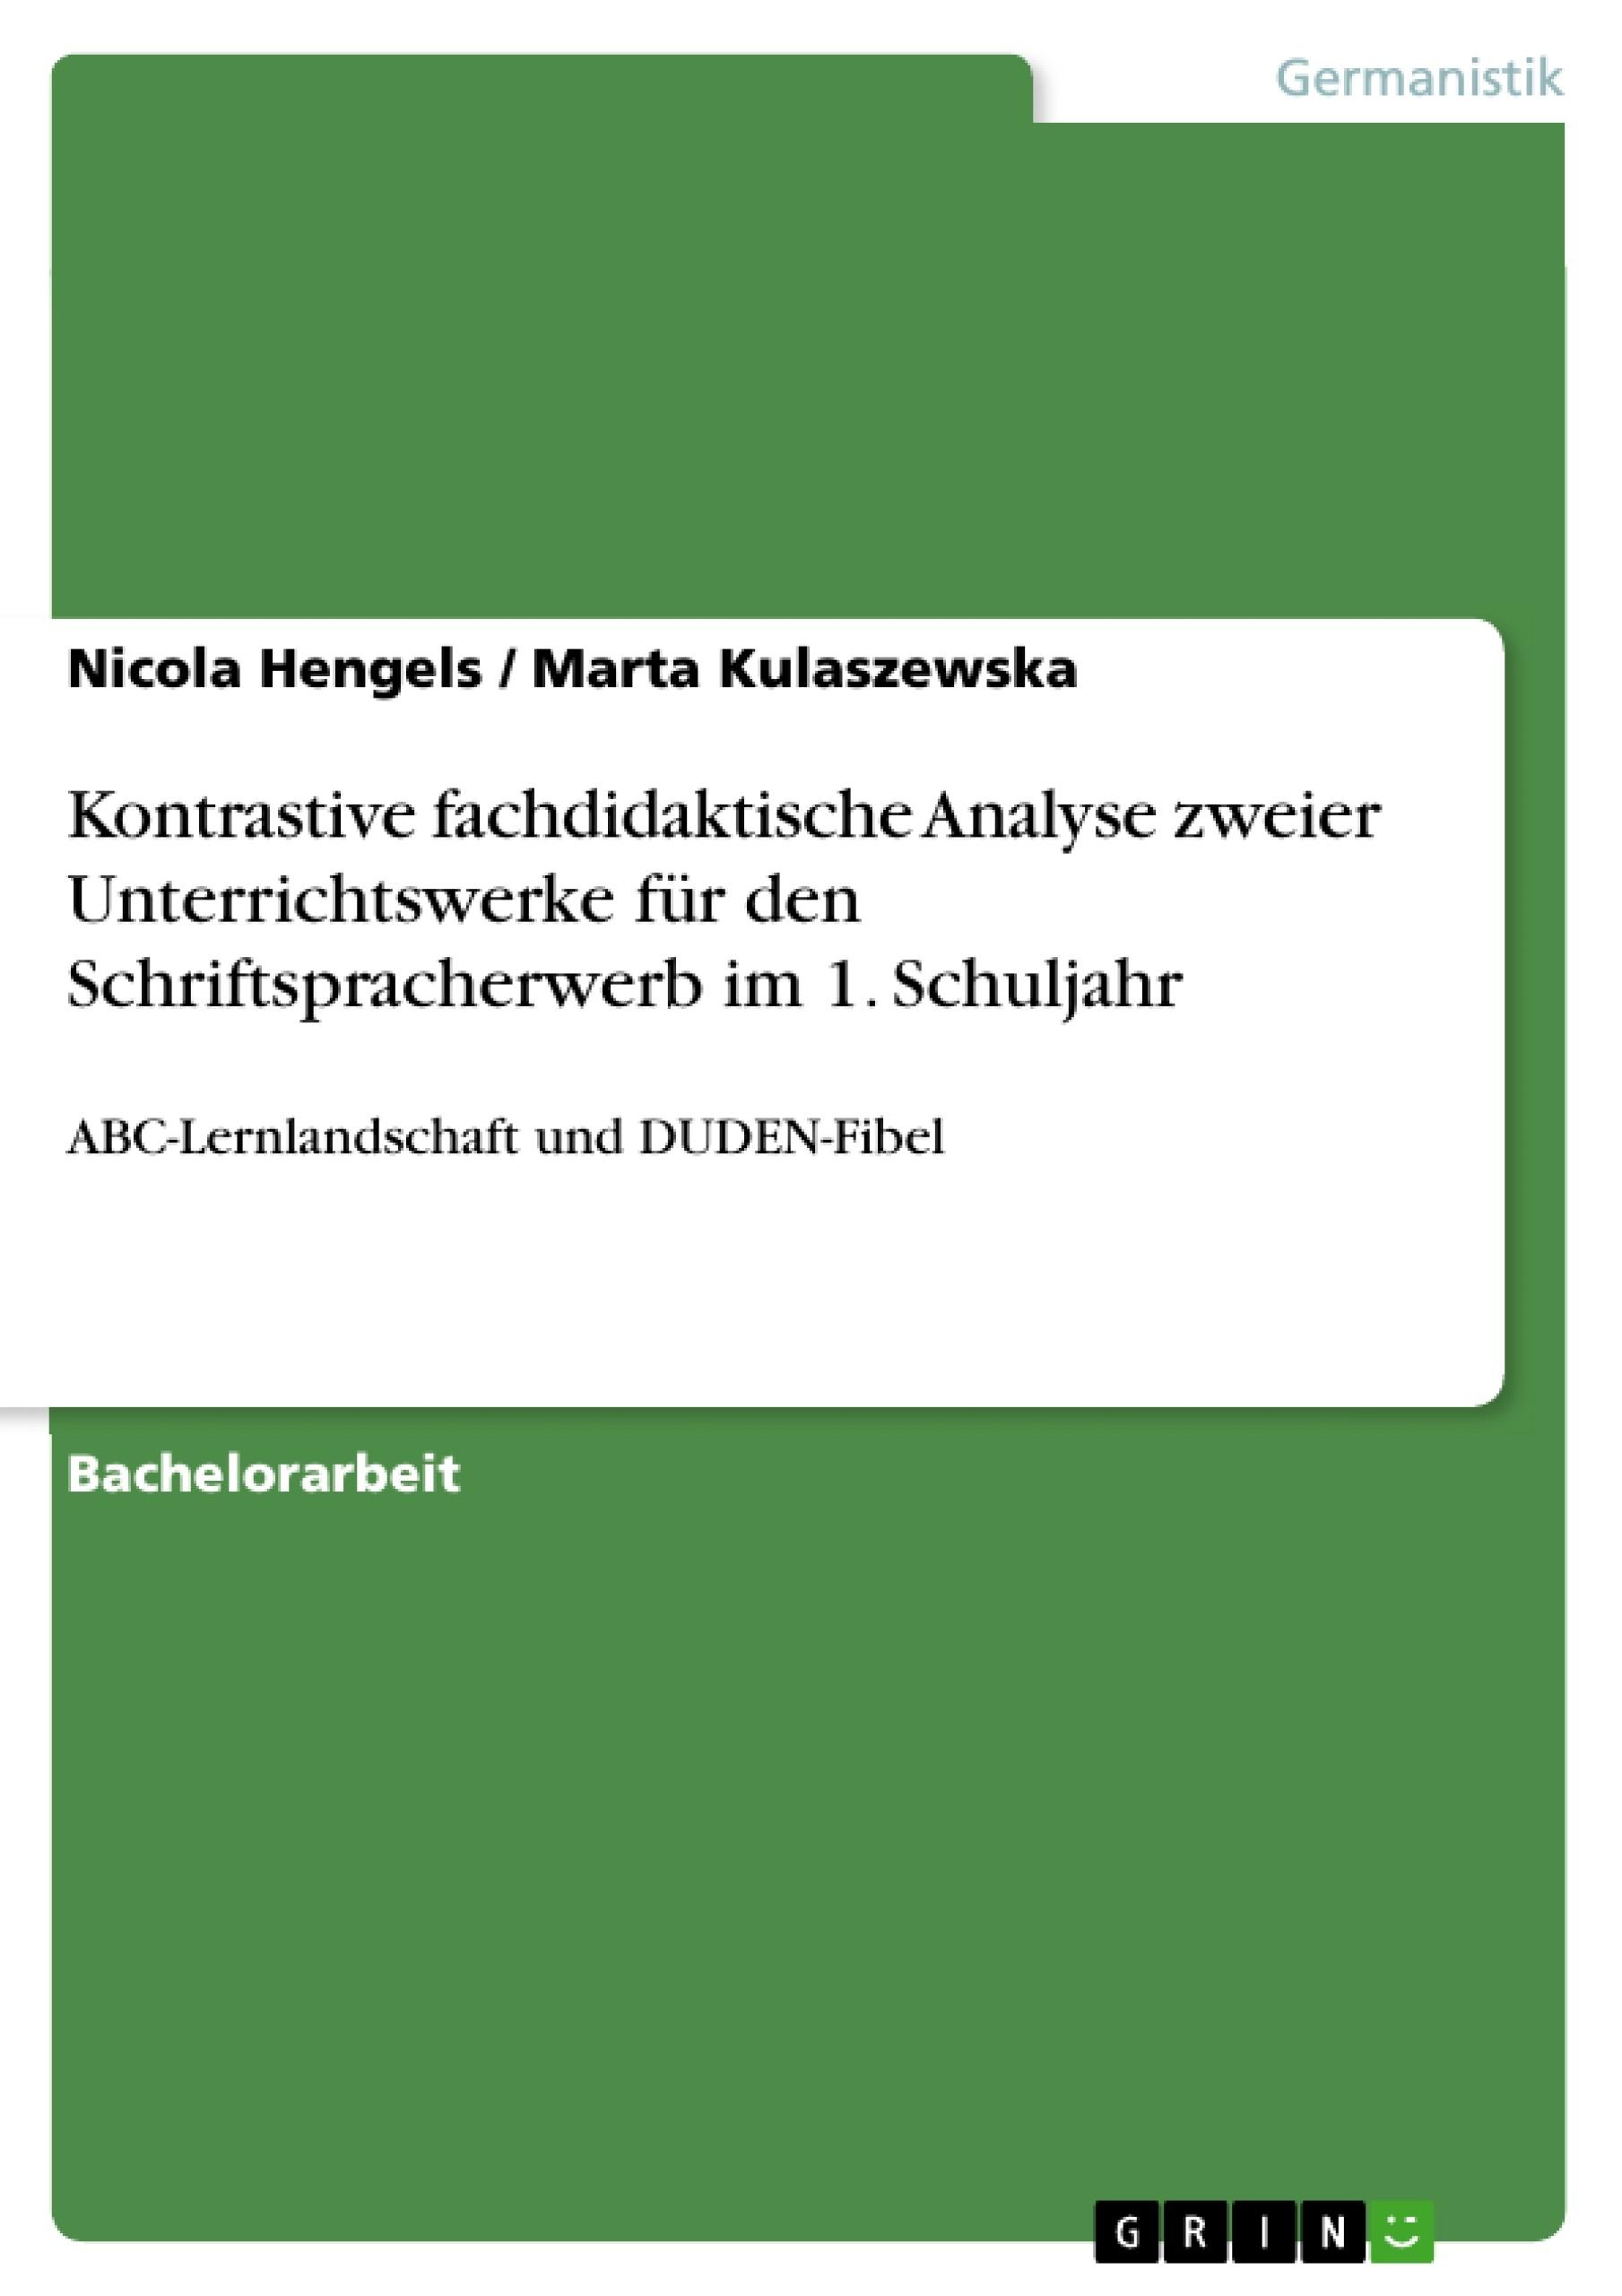 Titel: Kontrastive fachdidaktische Analyse zweier Unterrichtswerke  für den Schriftspracherwerb im 1. Schuljahr